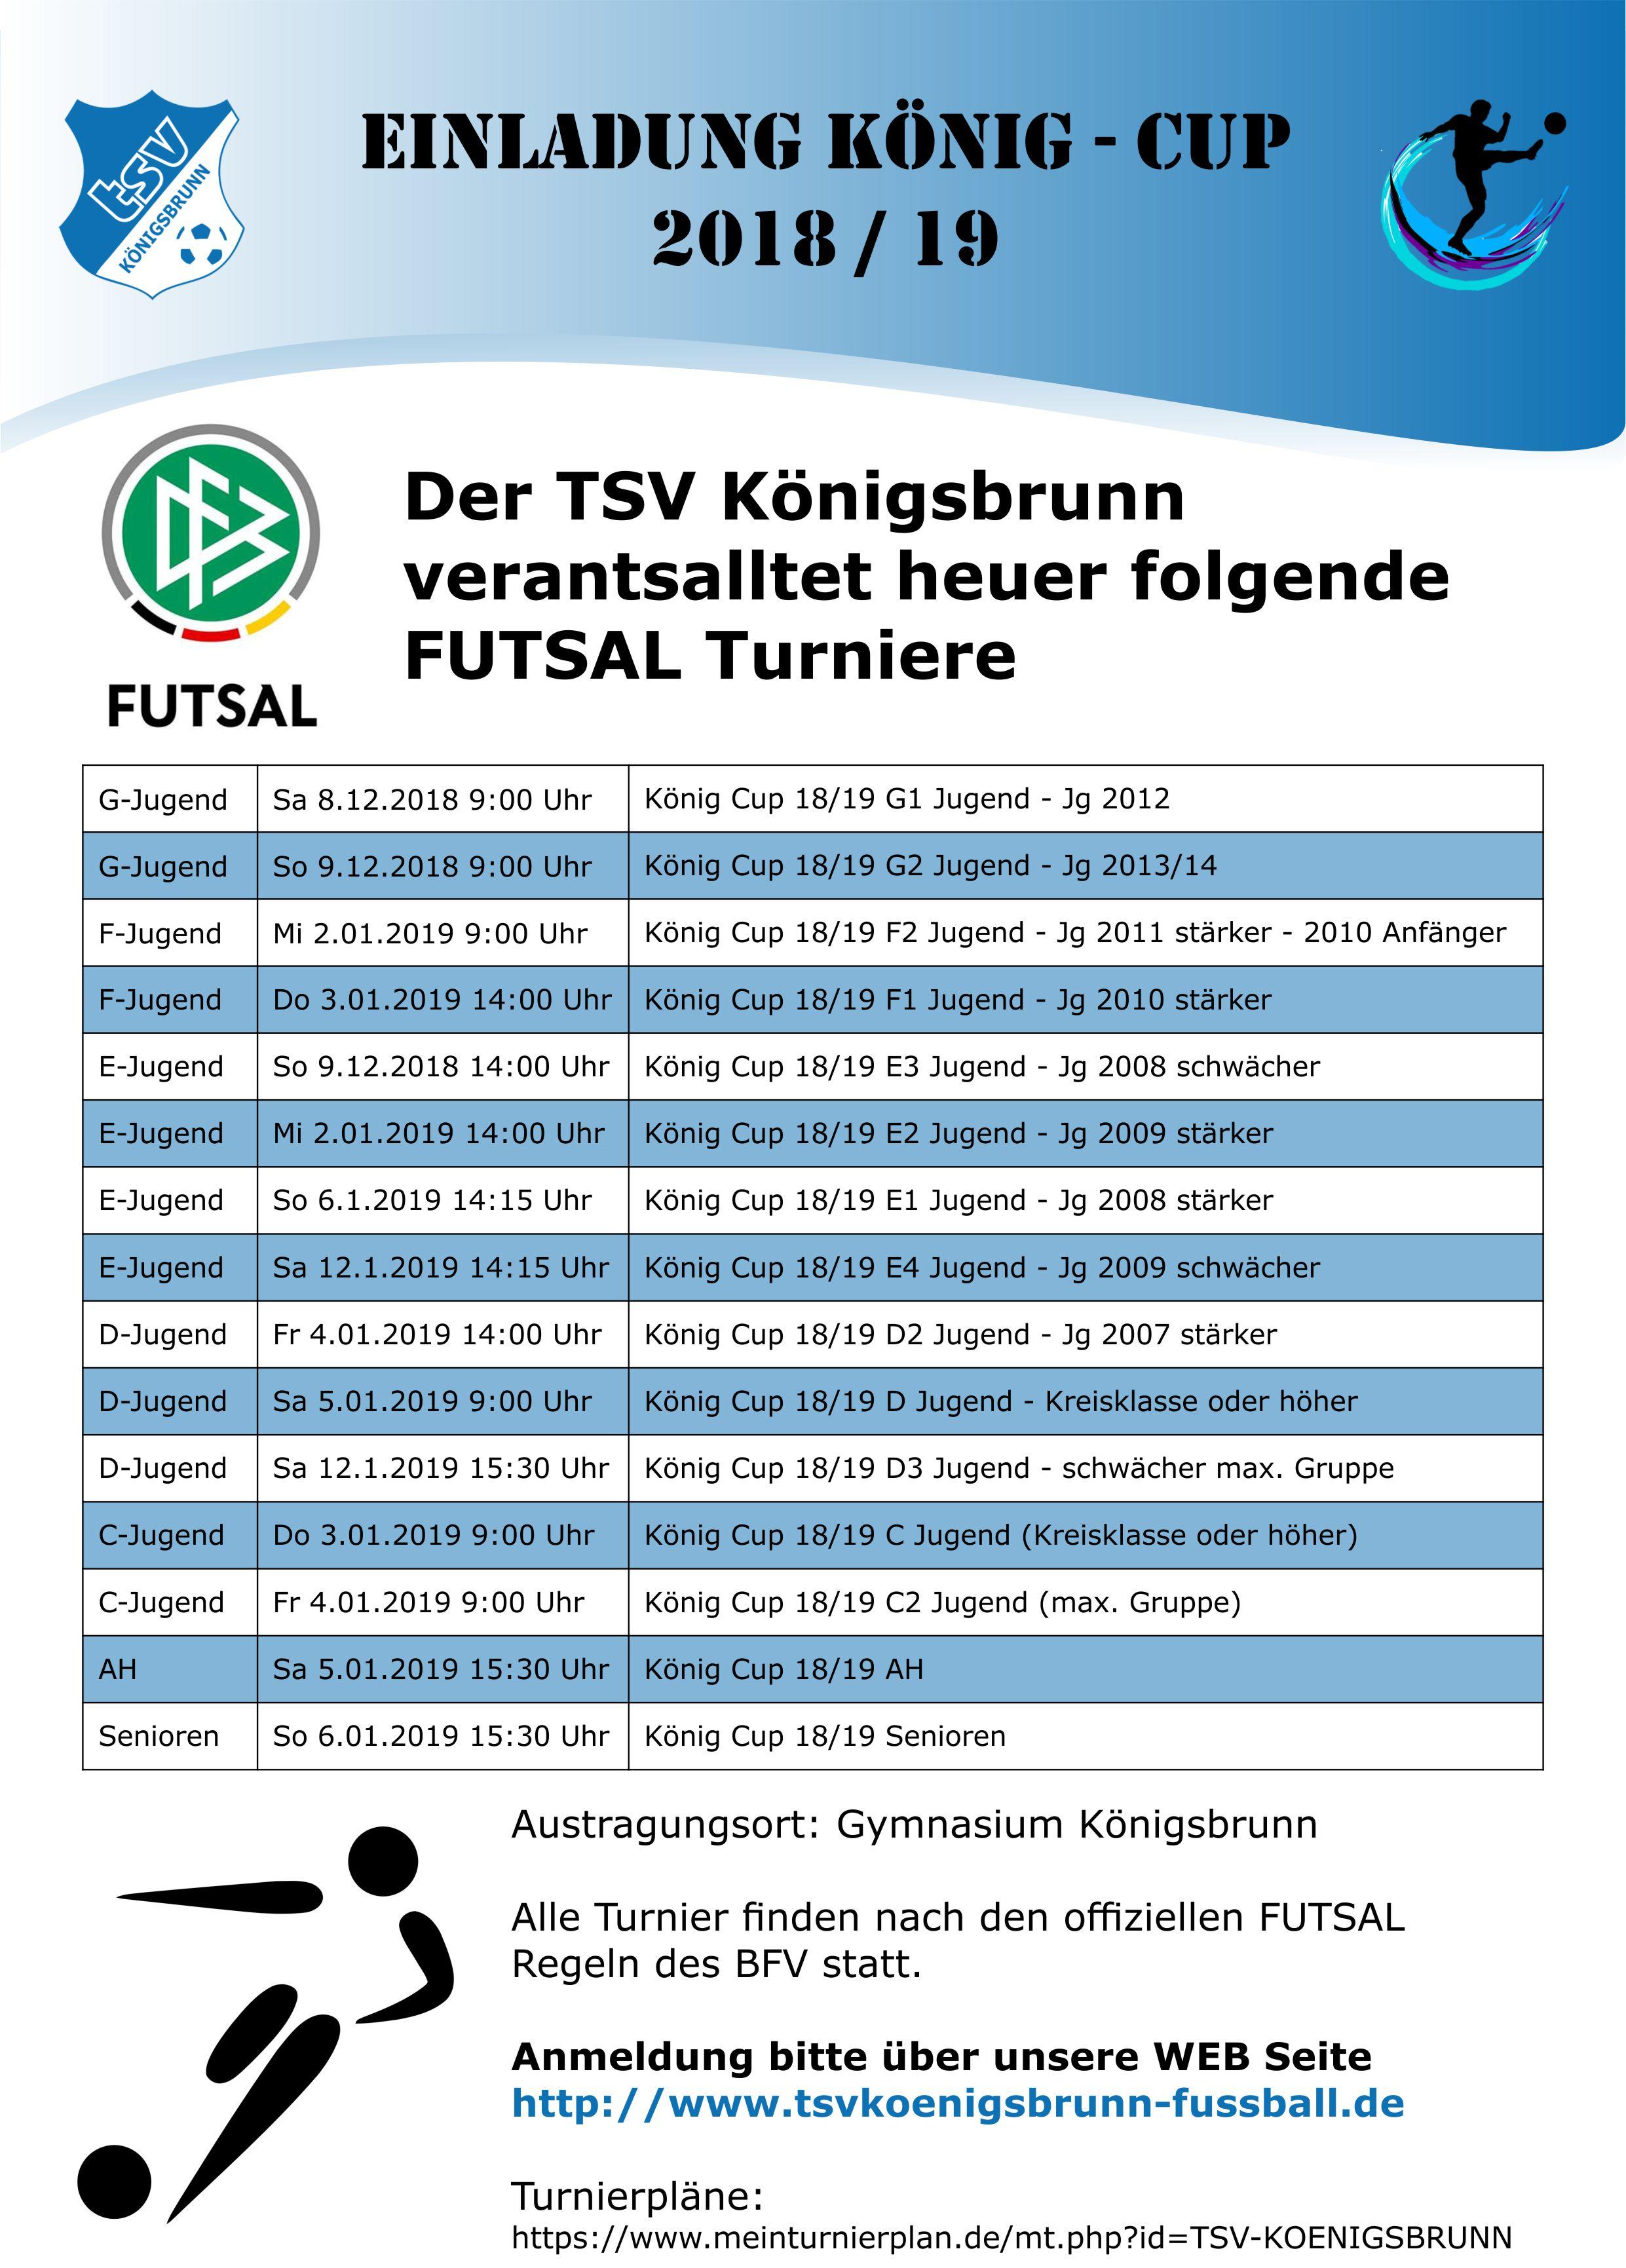 Fussball Tsv Konigsbrunn Ev